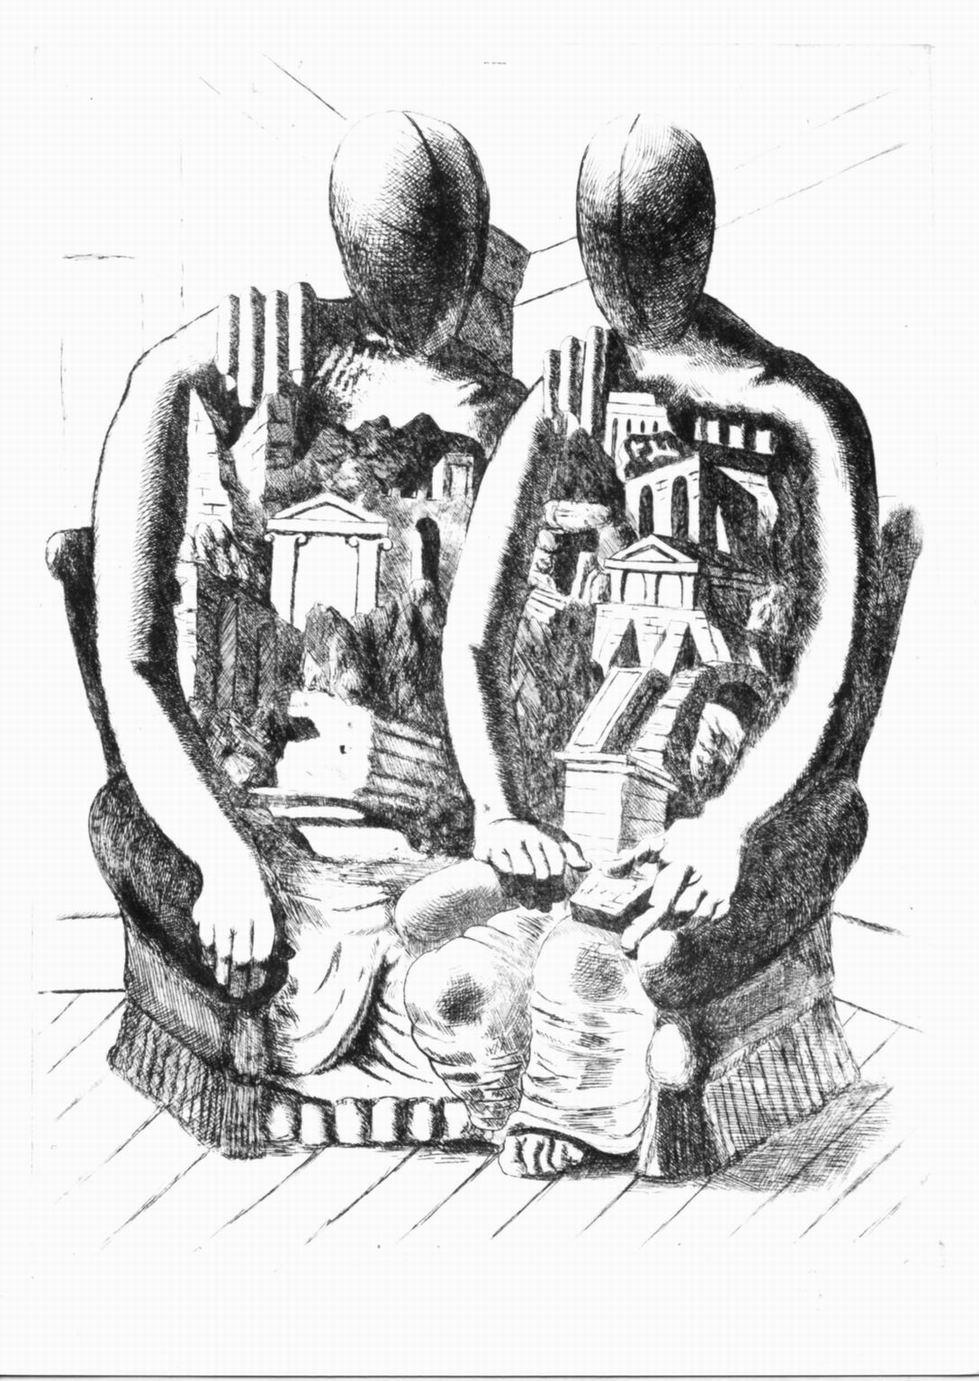 archeologi, coppia di figure con rovine archeologiche (stampa) di De Chirico Giorgio (sec. XX)